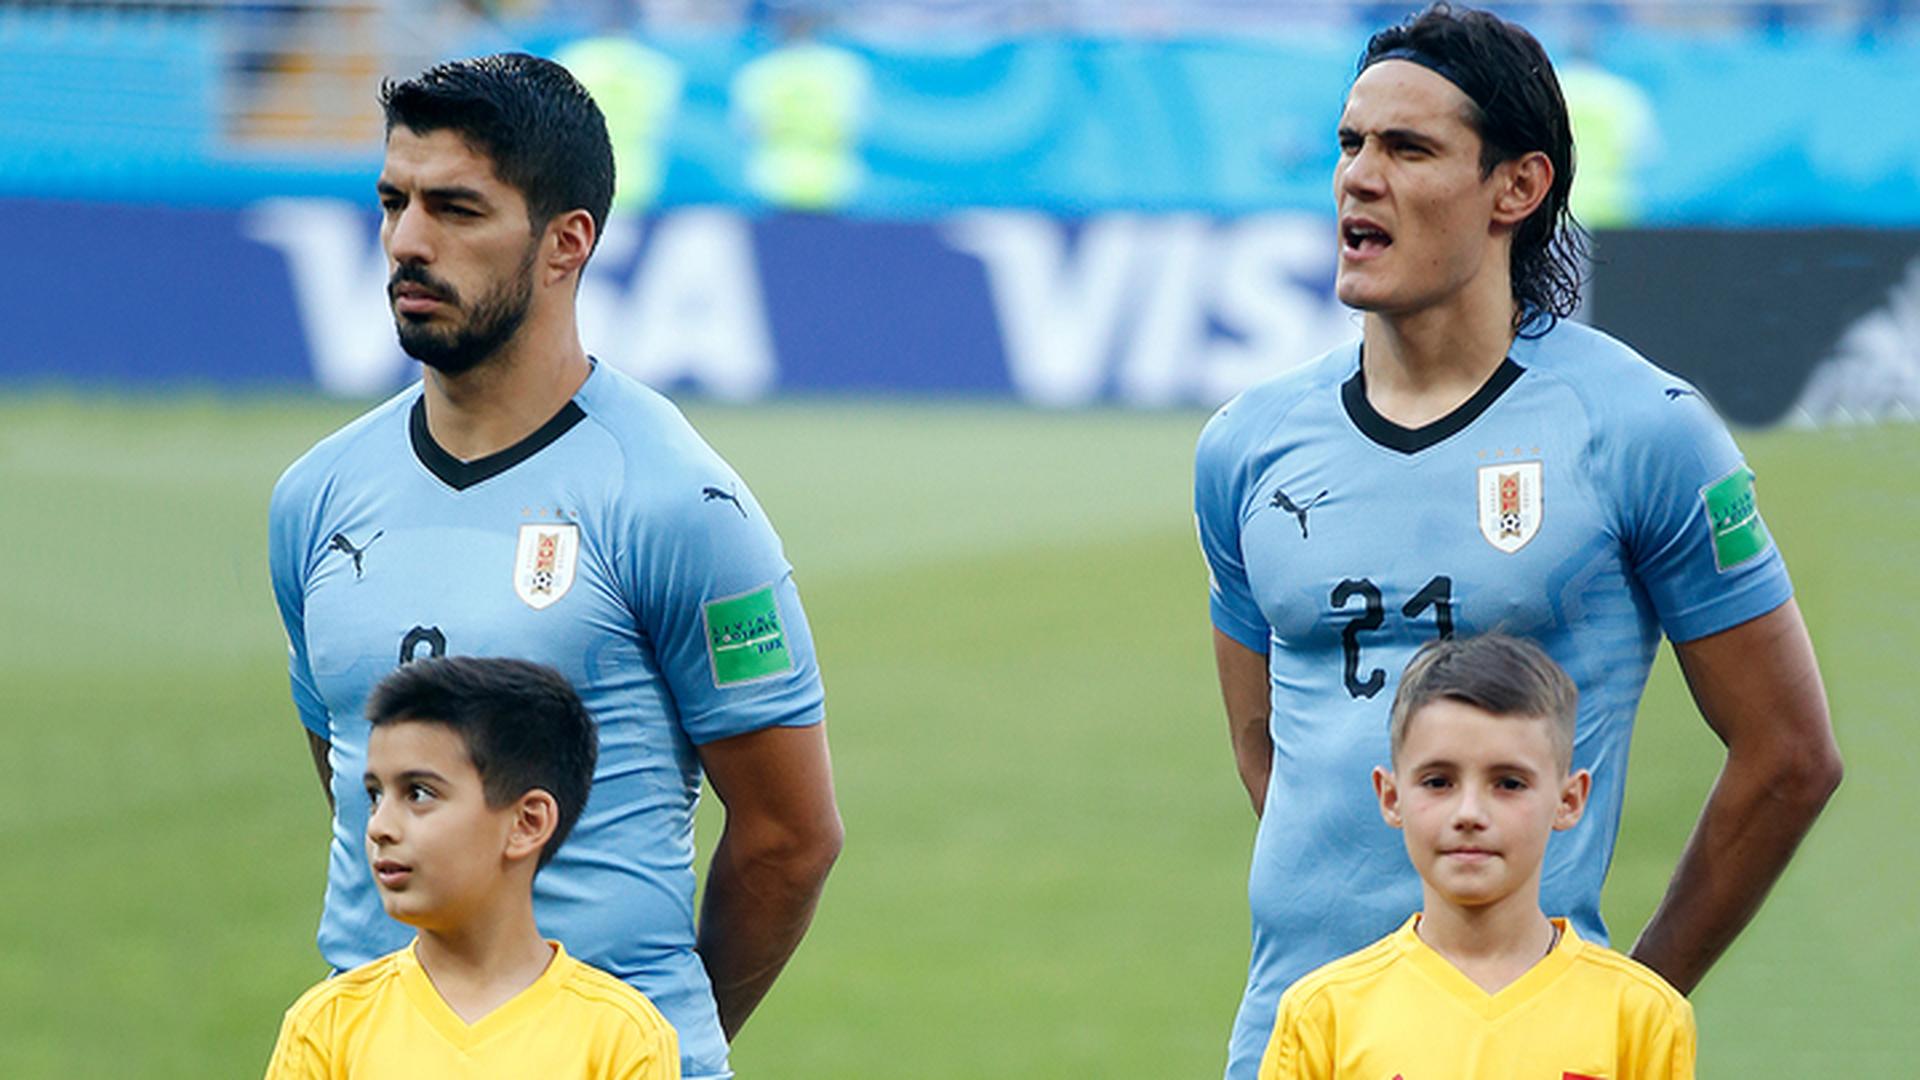 Суарес и Кавани поведут за собой партнеров в матче против португальцев